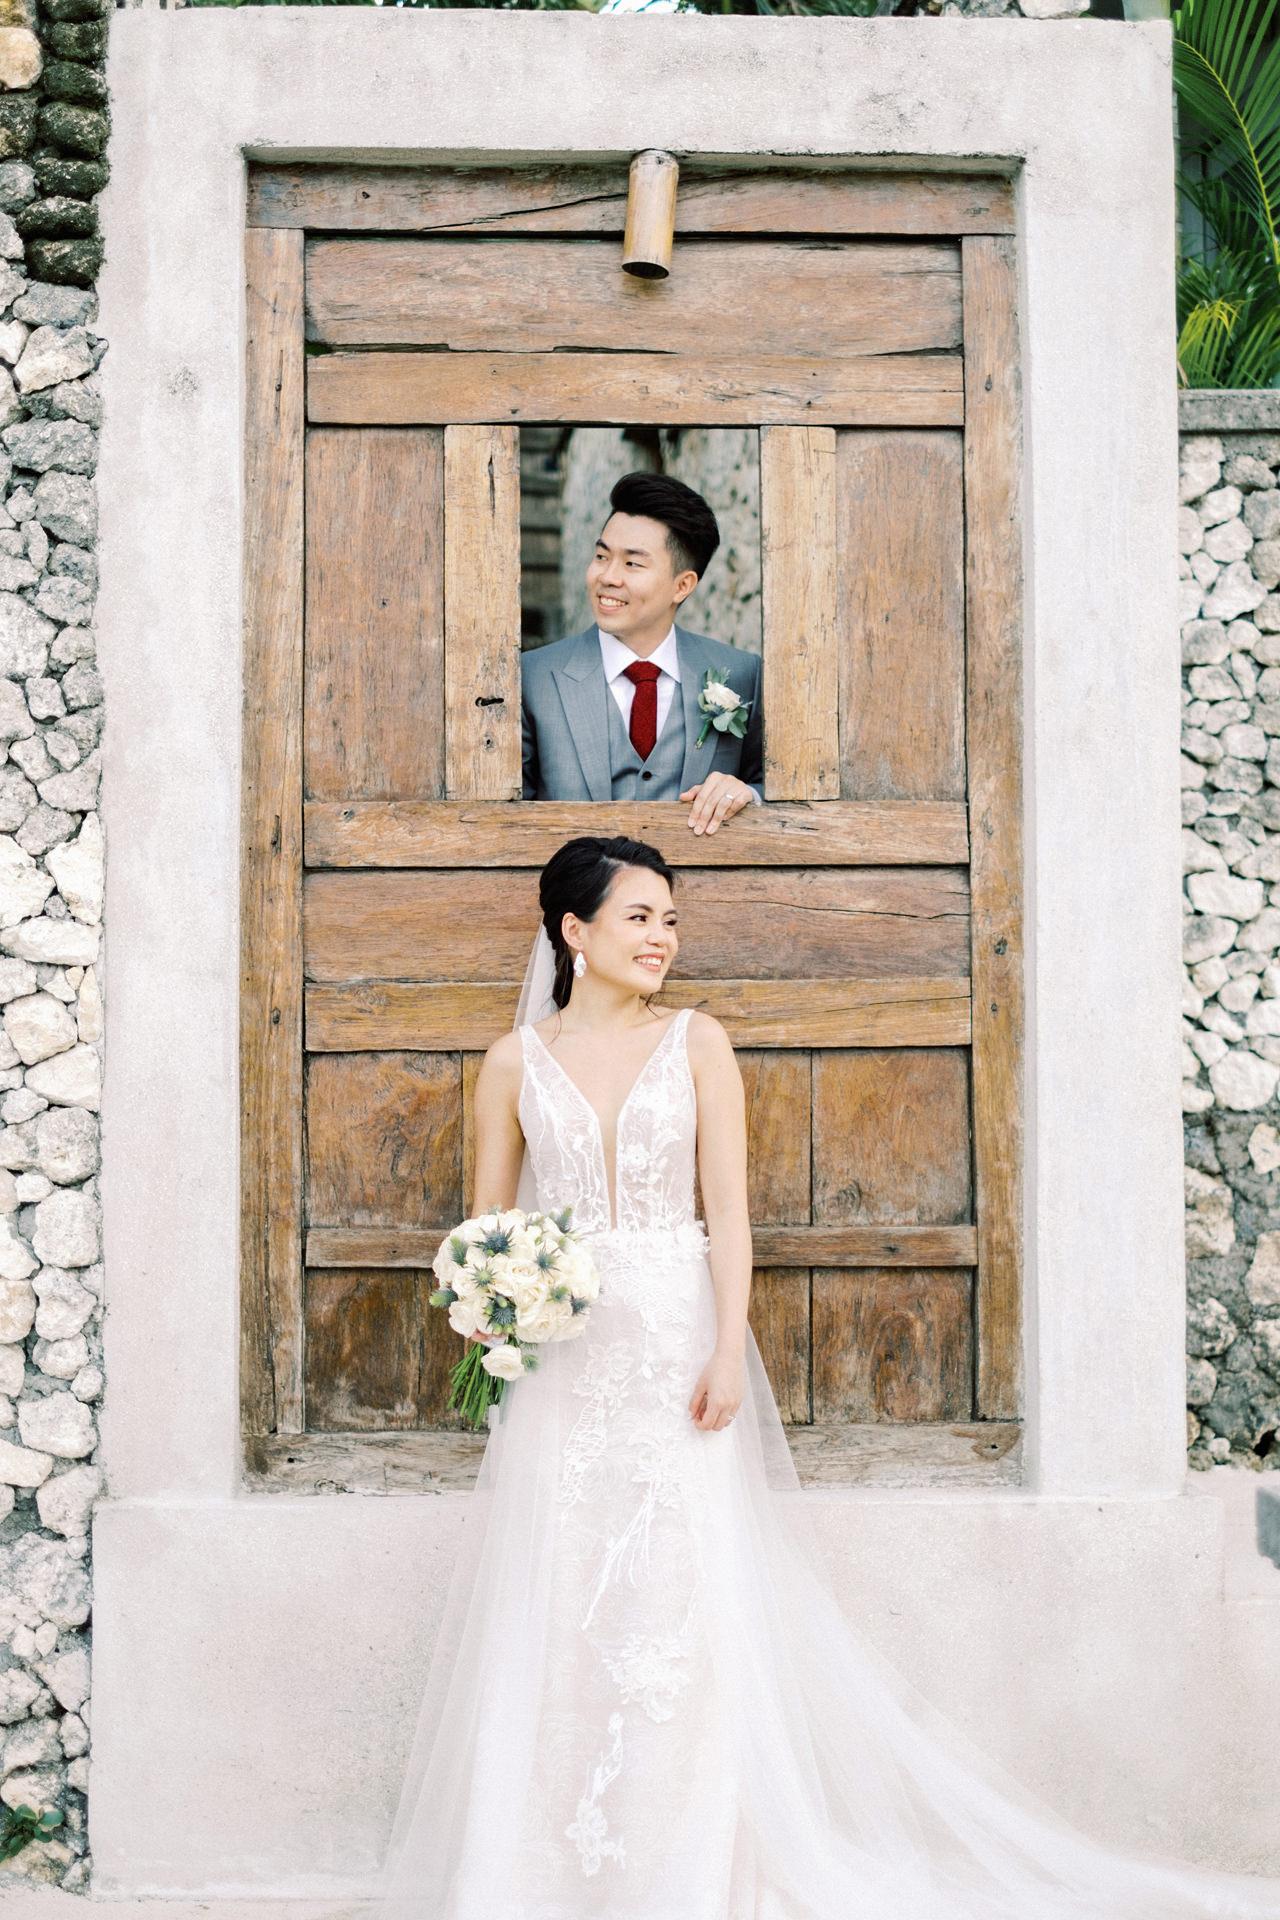 Real Wedding at Kamaya Bali 28